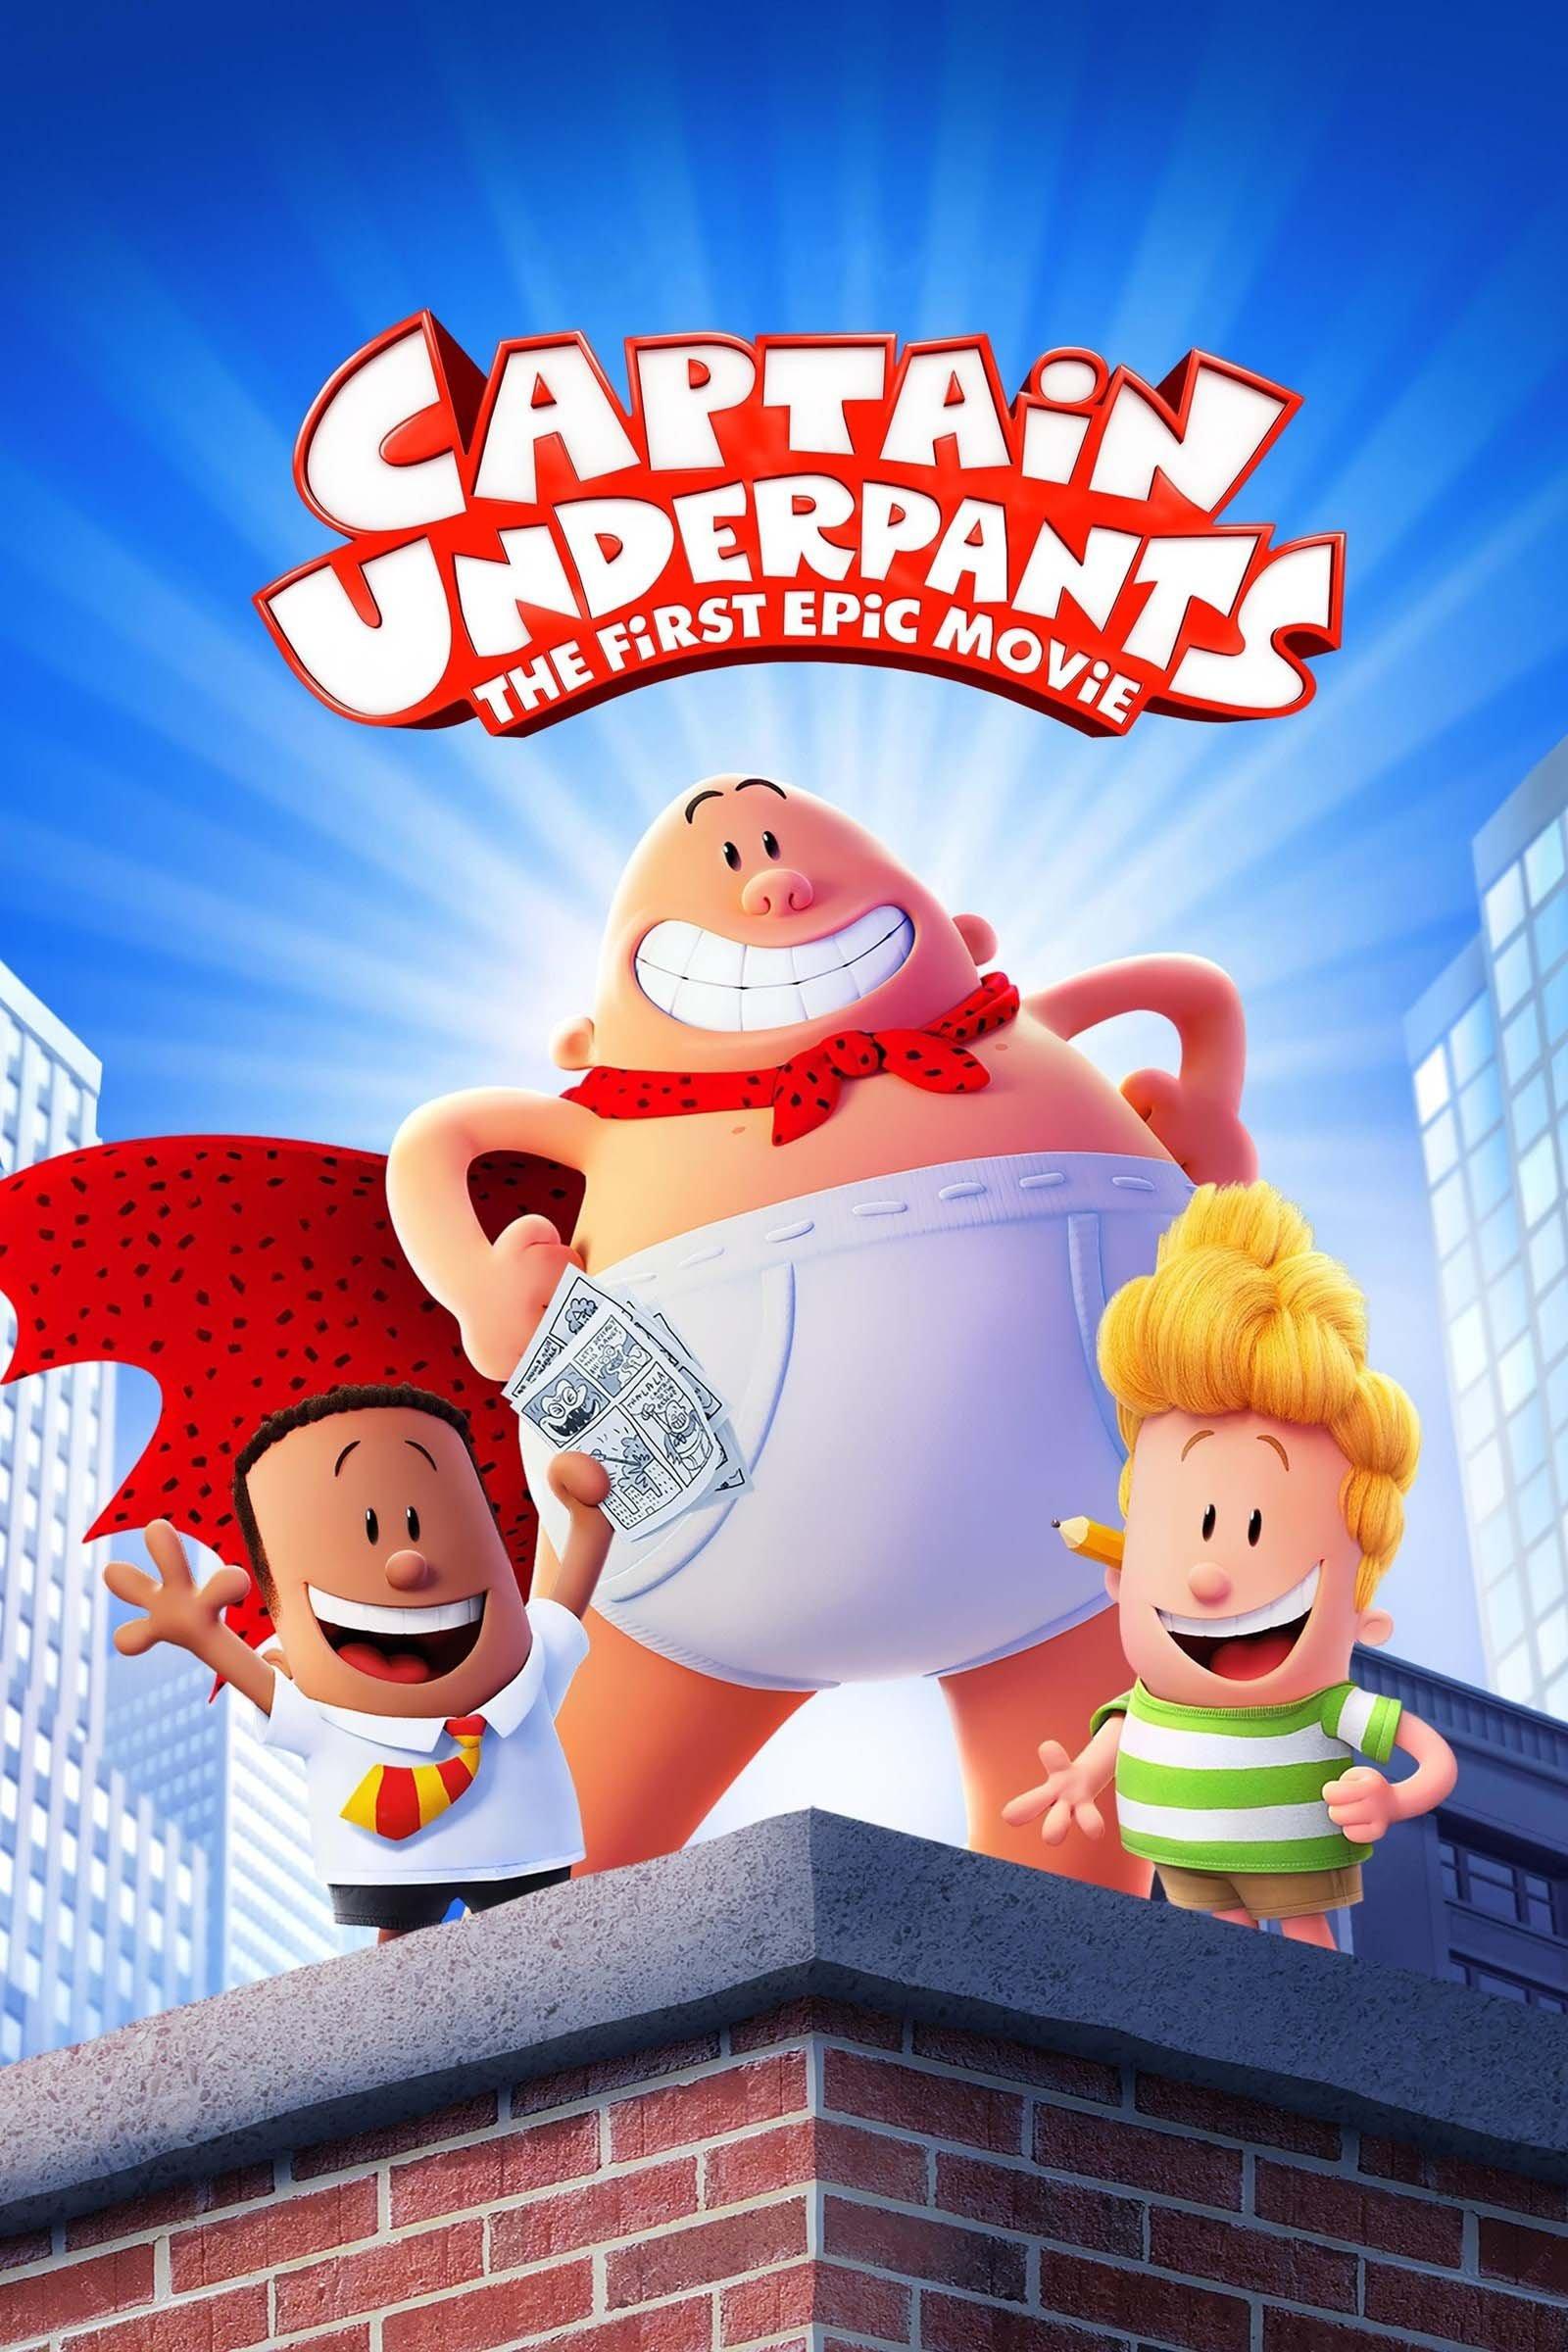 კაპიტანი ტრიკო / Captain Underpants: The First Epic Movie